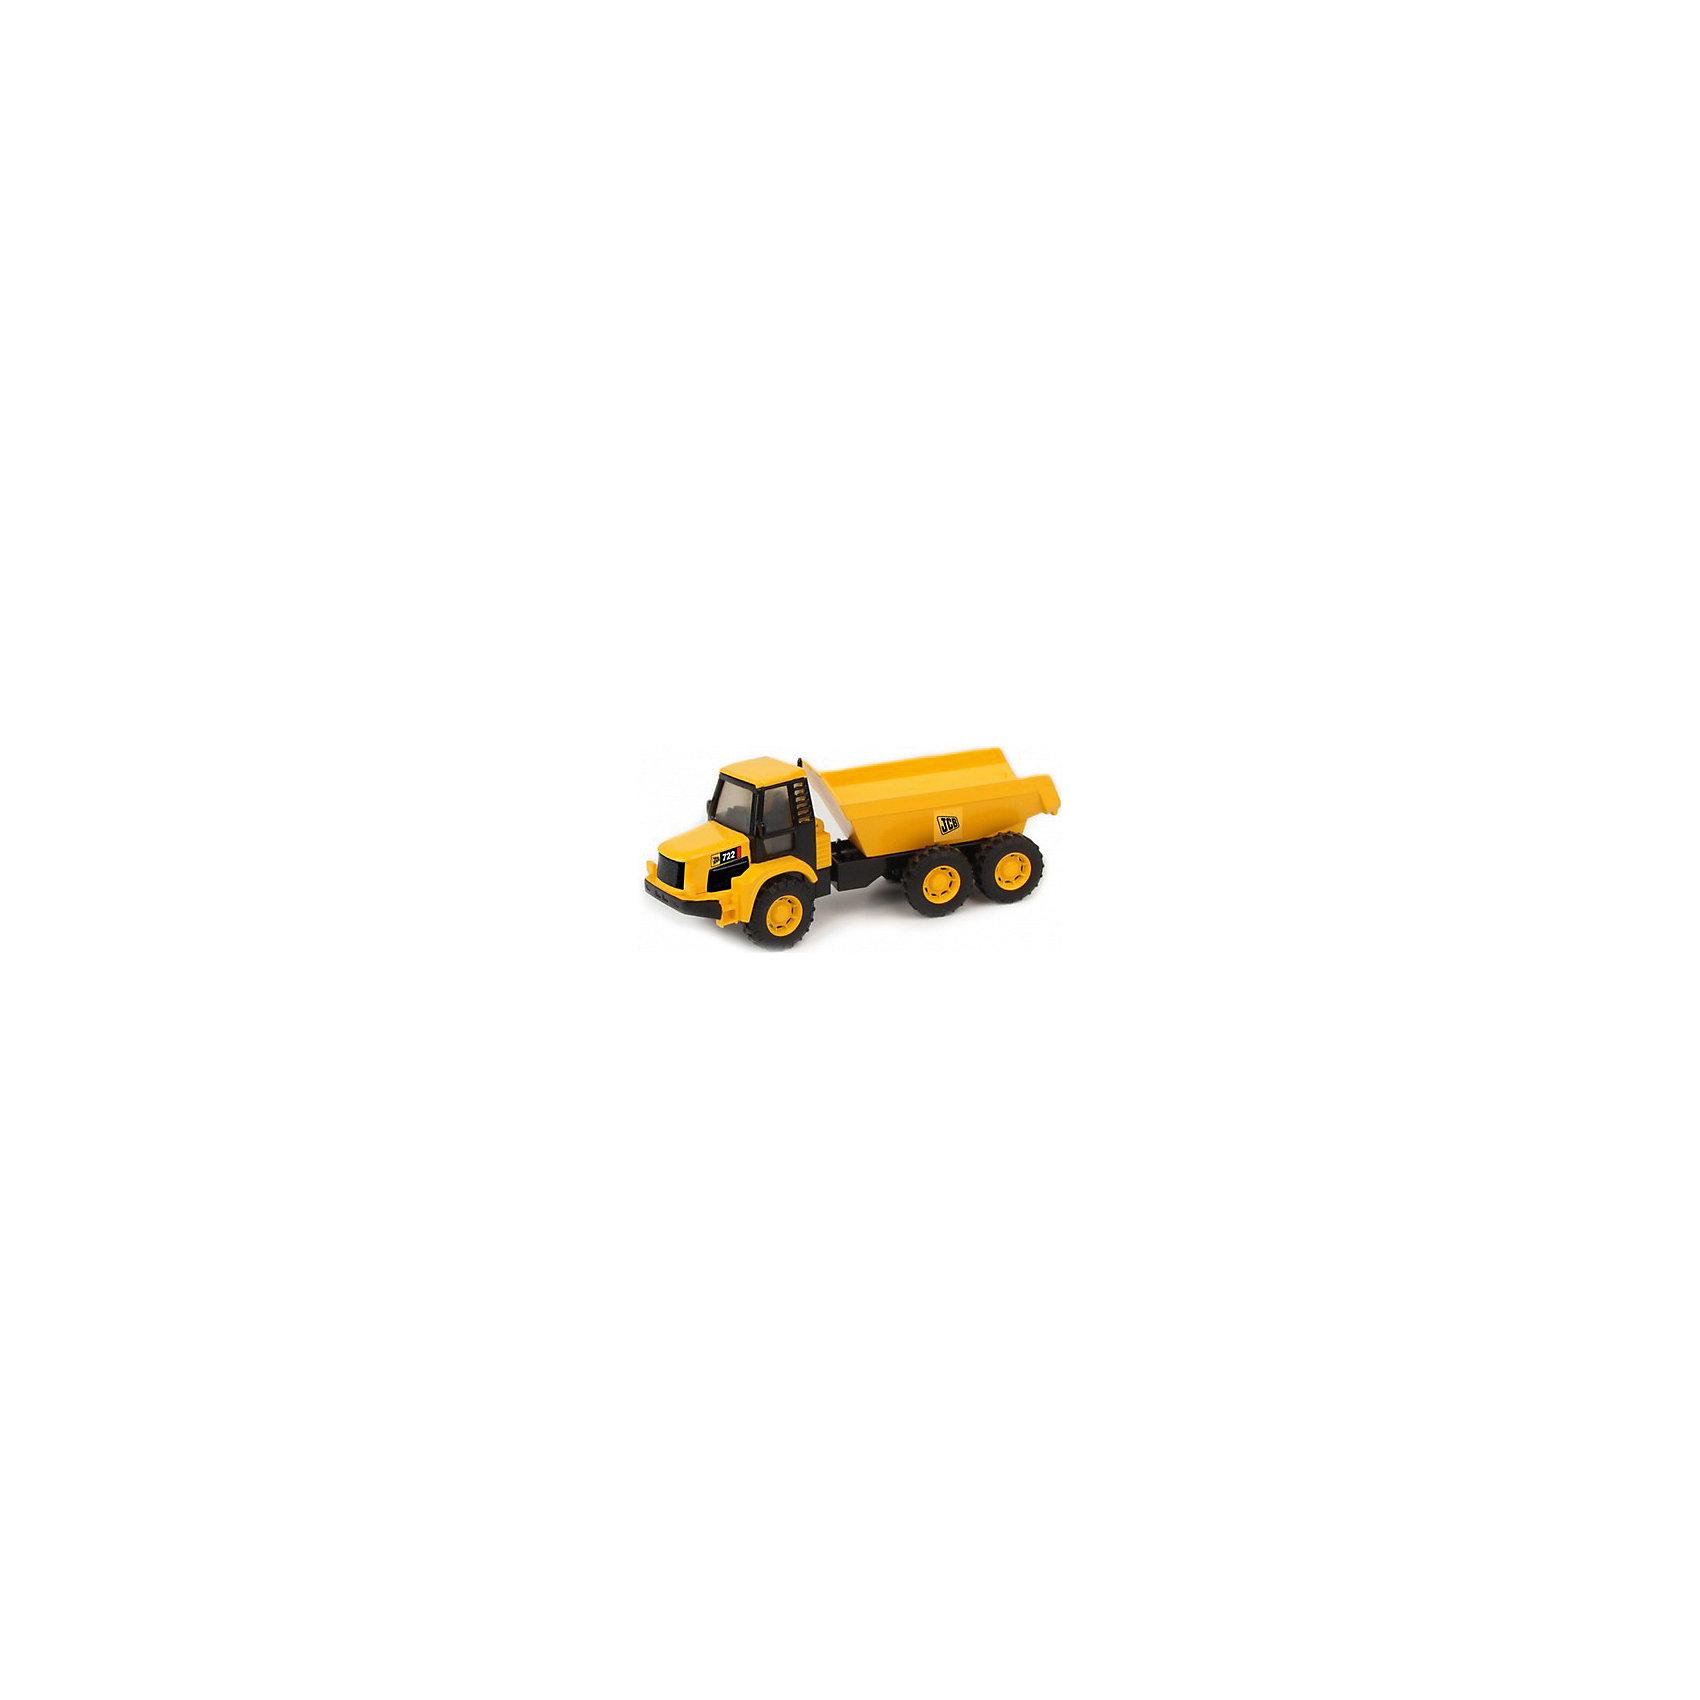 Самосвал, JCBСамосвал, JCB - это уменьшенная модель настоящей строительной техники от компании JCB, выполненная в высоком качестве и с большим вниманием к деталям. В этой модели есть все основные функции, которыми обладает реальная машина. Самосвал оснащен просторной застекленной кабиной с сиденьем водителя. Вместительный кузов поднимается и опускается, что делает игрушку особенно интересной для игр на улице. Кузов можно заполнять песком или мелкими предметами, а затем разгружать, как при настоящих строительных работах. У машины три мощных прорезиненных пары колес, что обеспечивает прочное сцепление с поверхностью и уберегает напольное покрытие от царапин. Игрушка изготовлена из высококачественной прочной пластмассы, можно ещё дольше играть с ней, не боясь поломок. Ваш ребенок в увлекательной форме познакомится с особенностями работы дорожно-строительной техники и откроет для себя множество новых профессий.<br><br>Дополнительная информация:<br><br>- Материал: высококачественный пластик.<br>- Масштаб 1:32.<br>- Размер игрушки: 17,5 х 6 х 7 см.<br>- Размер упаковки: 21,2 x 9,2 x 8 см.<br>- Вес: 0,221 кг.<br><br>Самосвал, JCB, можно купить в нашем интернет-магазине.<br><br>Ширина мм: 175<br>Глубина мм: 60<br>Высота мм: 70<br>Вес г: 221<br>Возраст от месяцев: 36<br>Возраст до месяцев: 96<br>Пол: Мужской<br>Возраст: Детский<br>SKU: 4244442